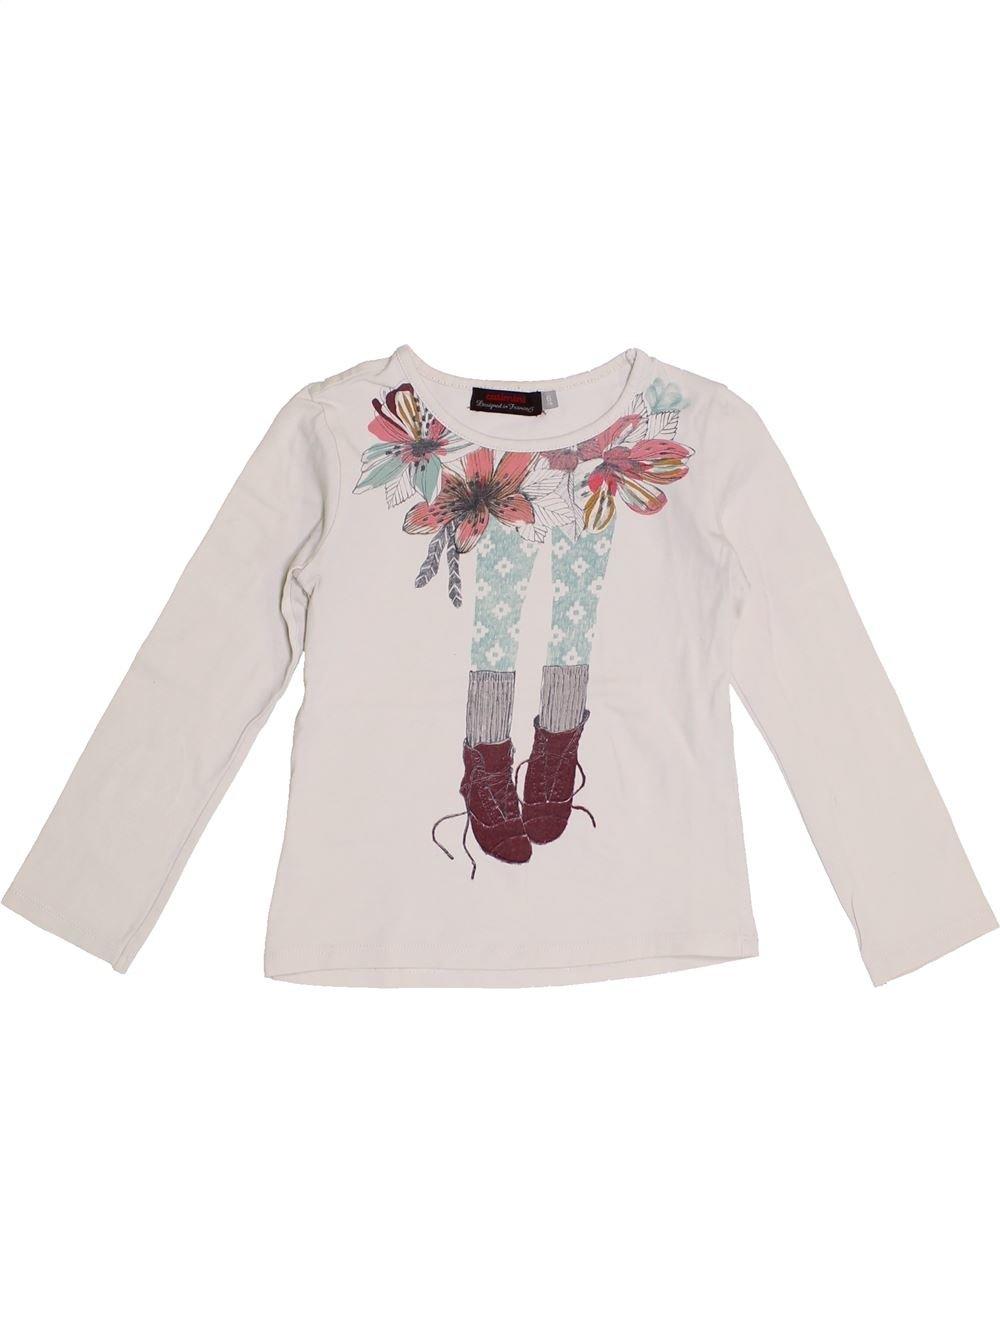 cdb3890650271 T-shirt manches longues blanc CATIMINI du 6 ans pour Fille - 1371122